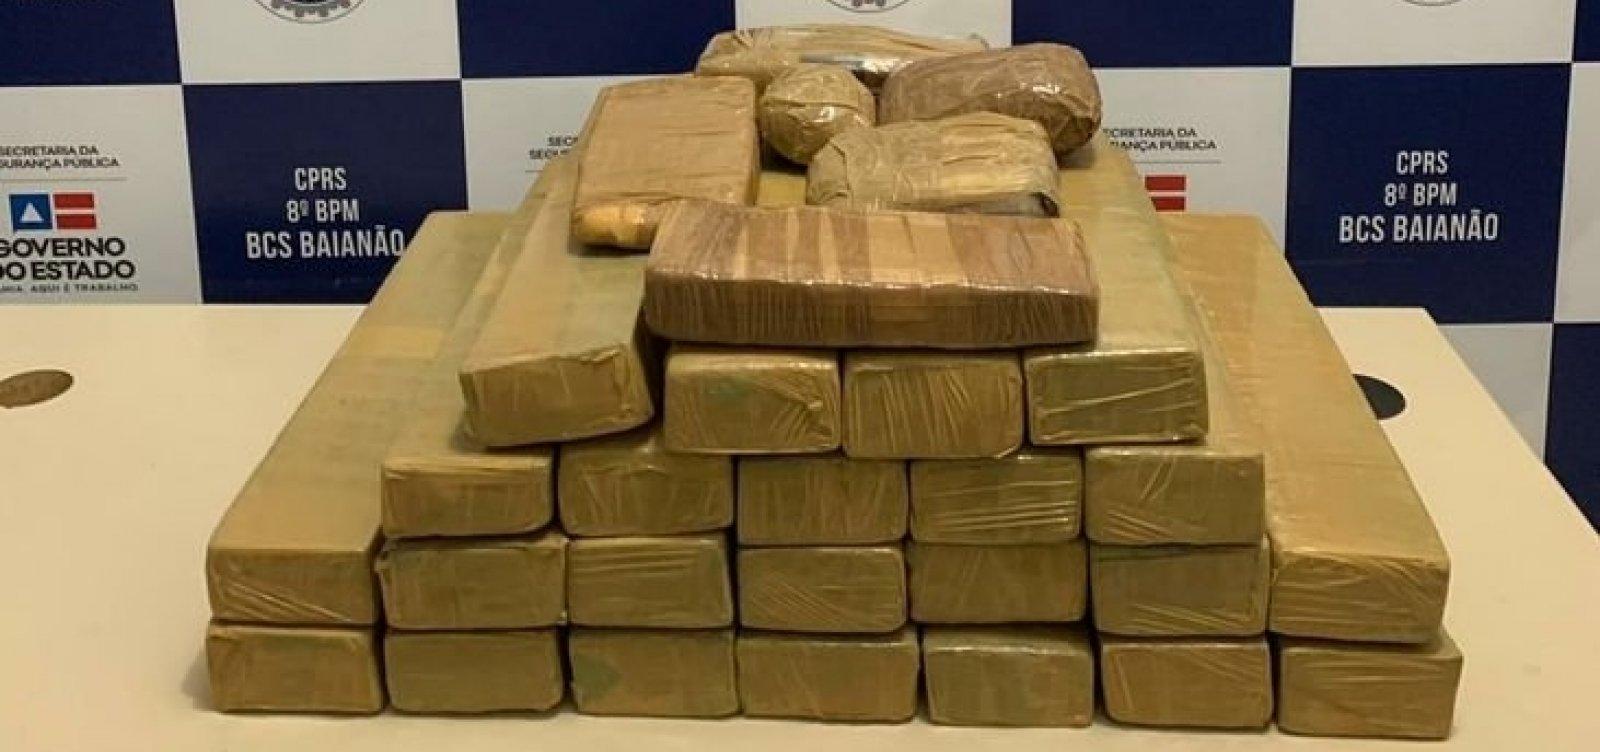 Flagrado com 30 kg de drogas em mochila, homem é preso em Porto Seguro